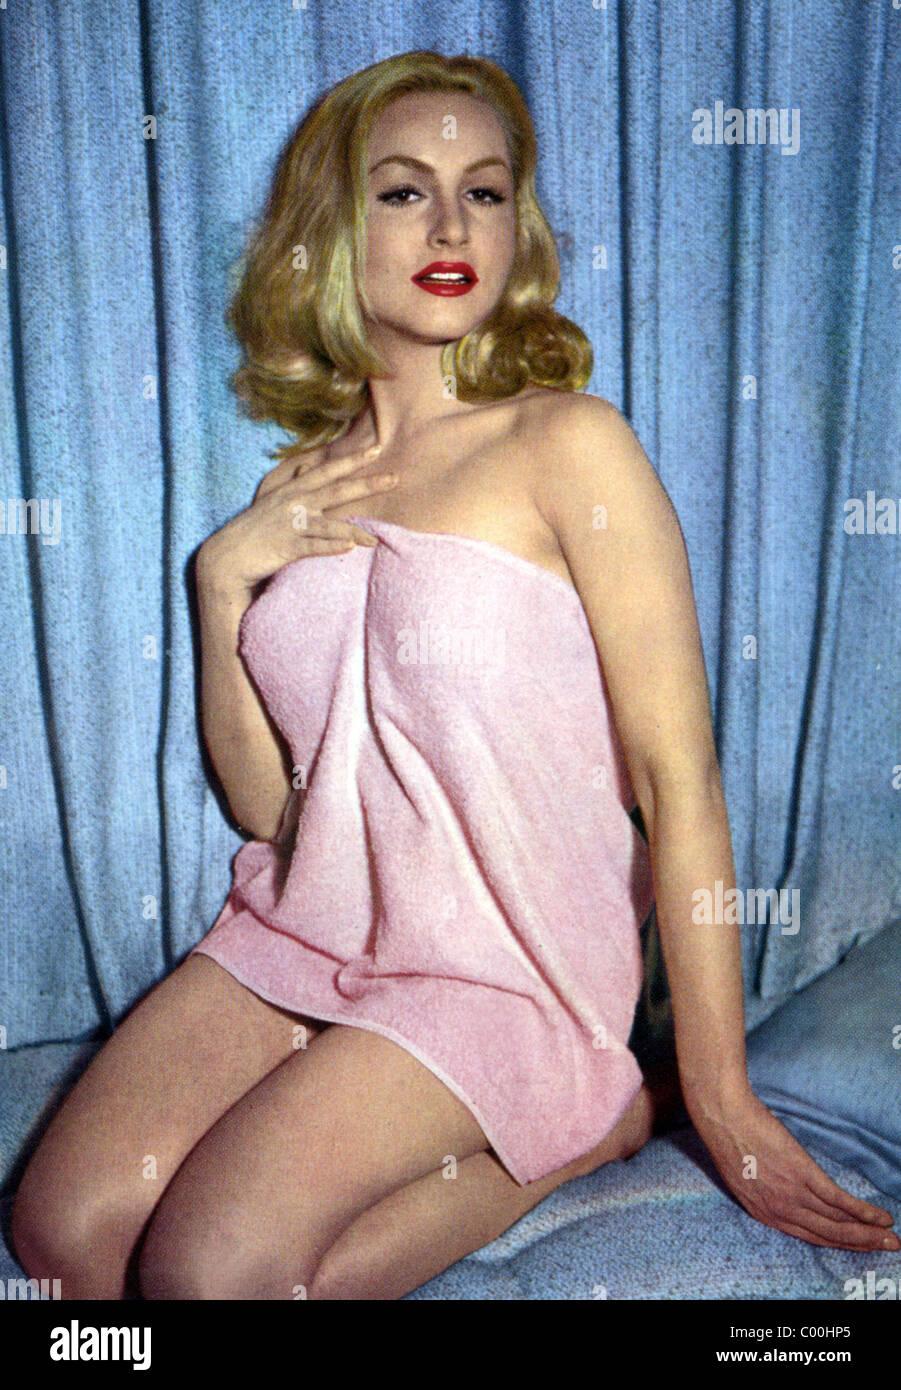 JULIE NEWMAR ACTRESS (1955) - Stock Image